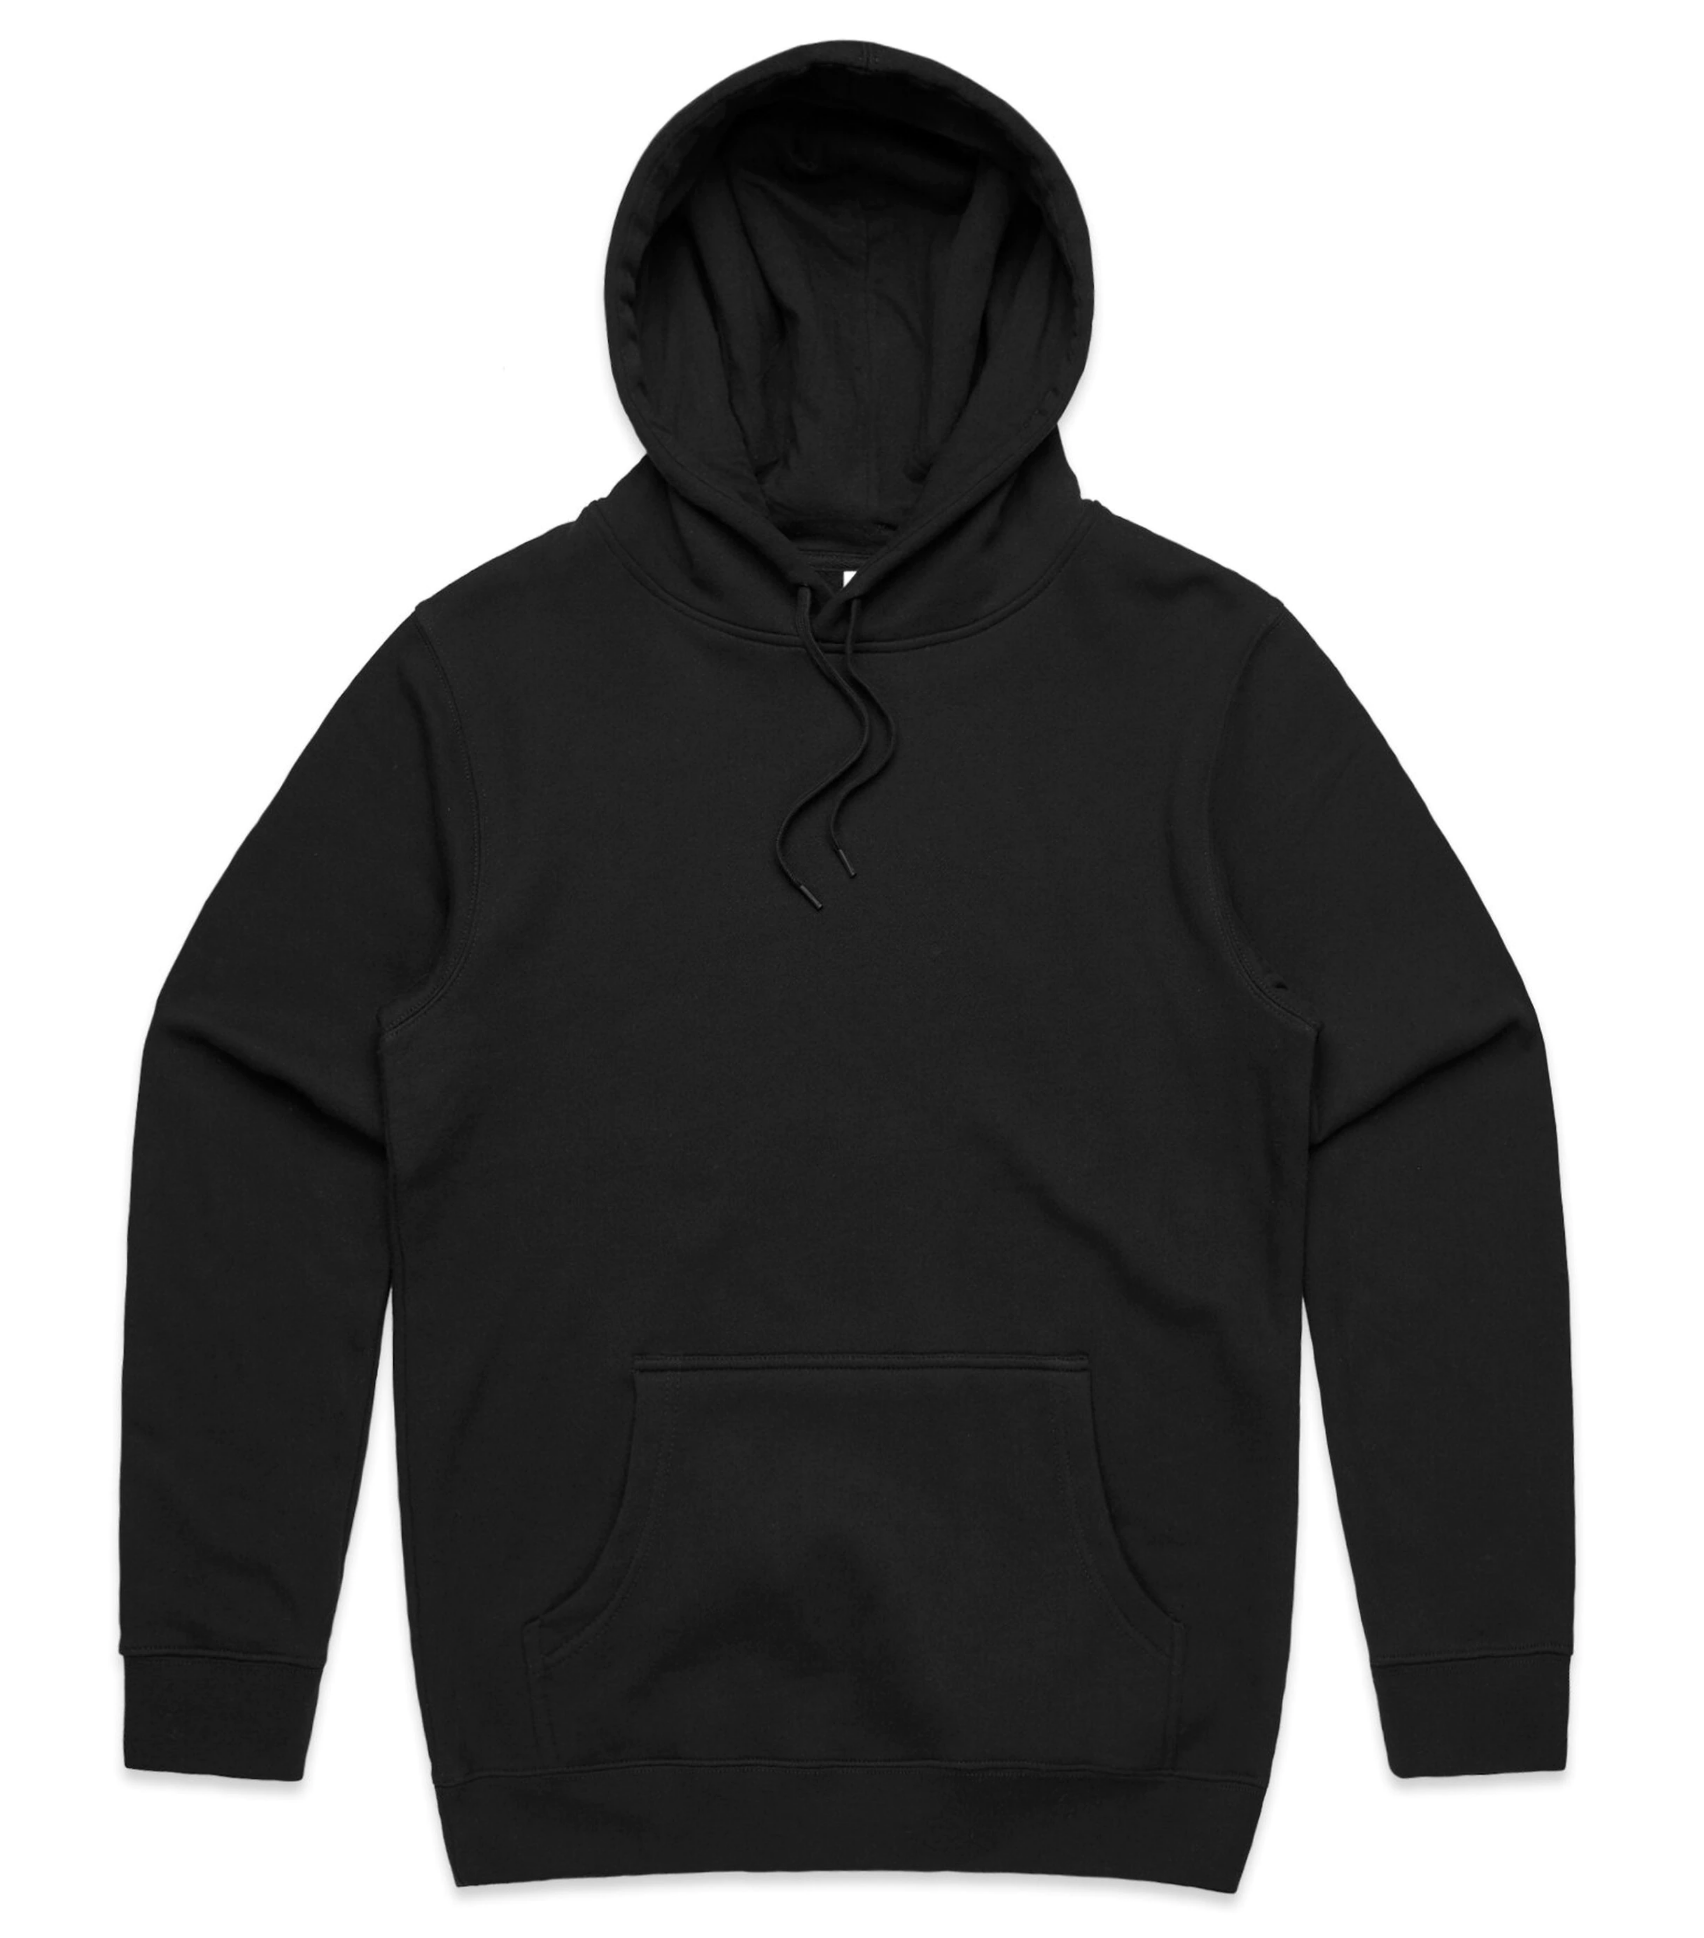 Black hoodie plain